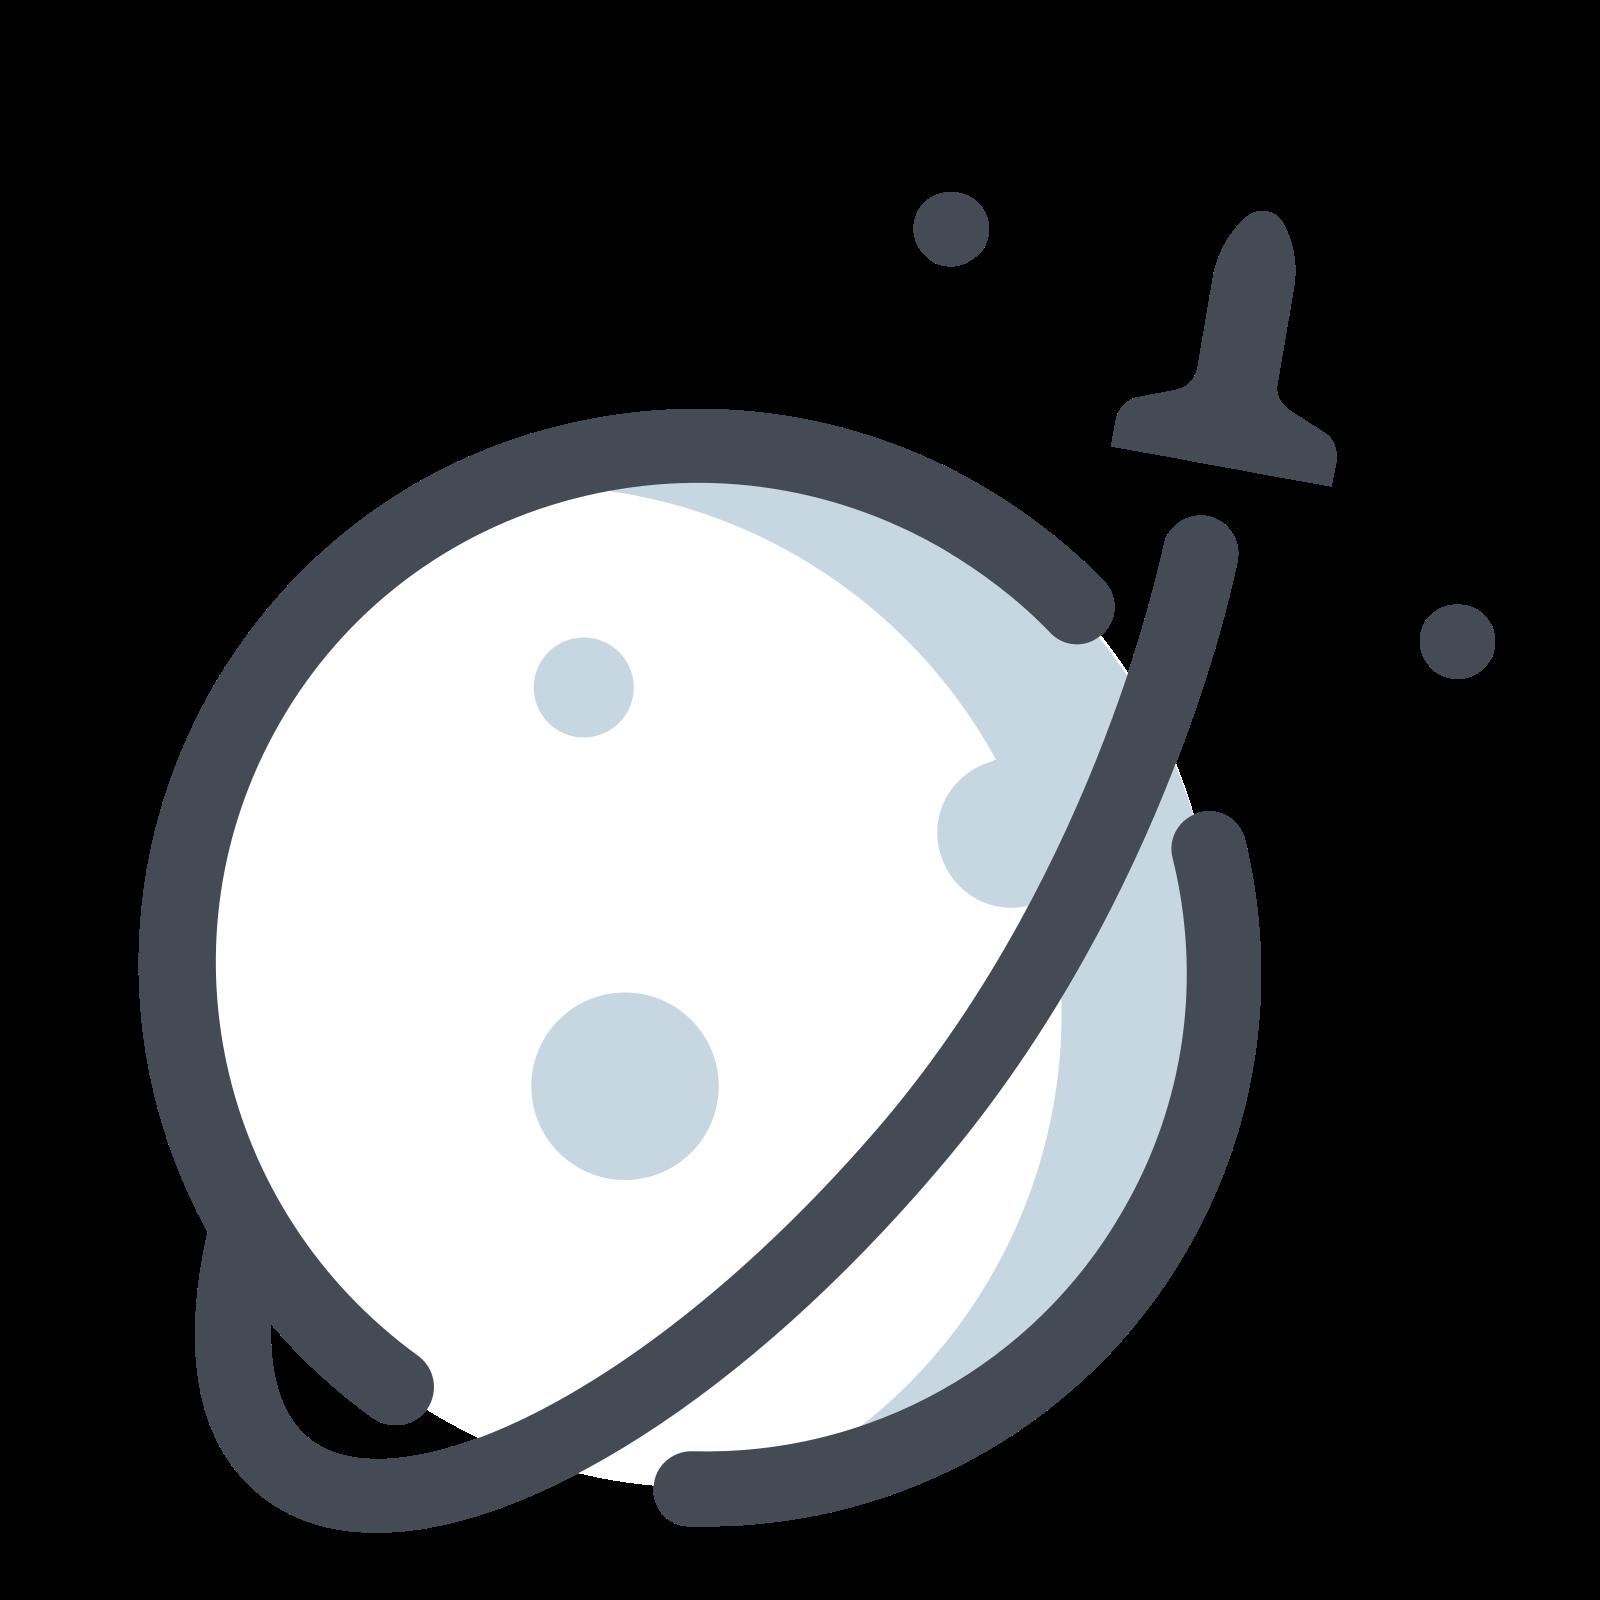 Start rakiety icon